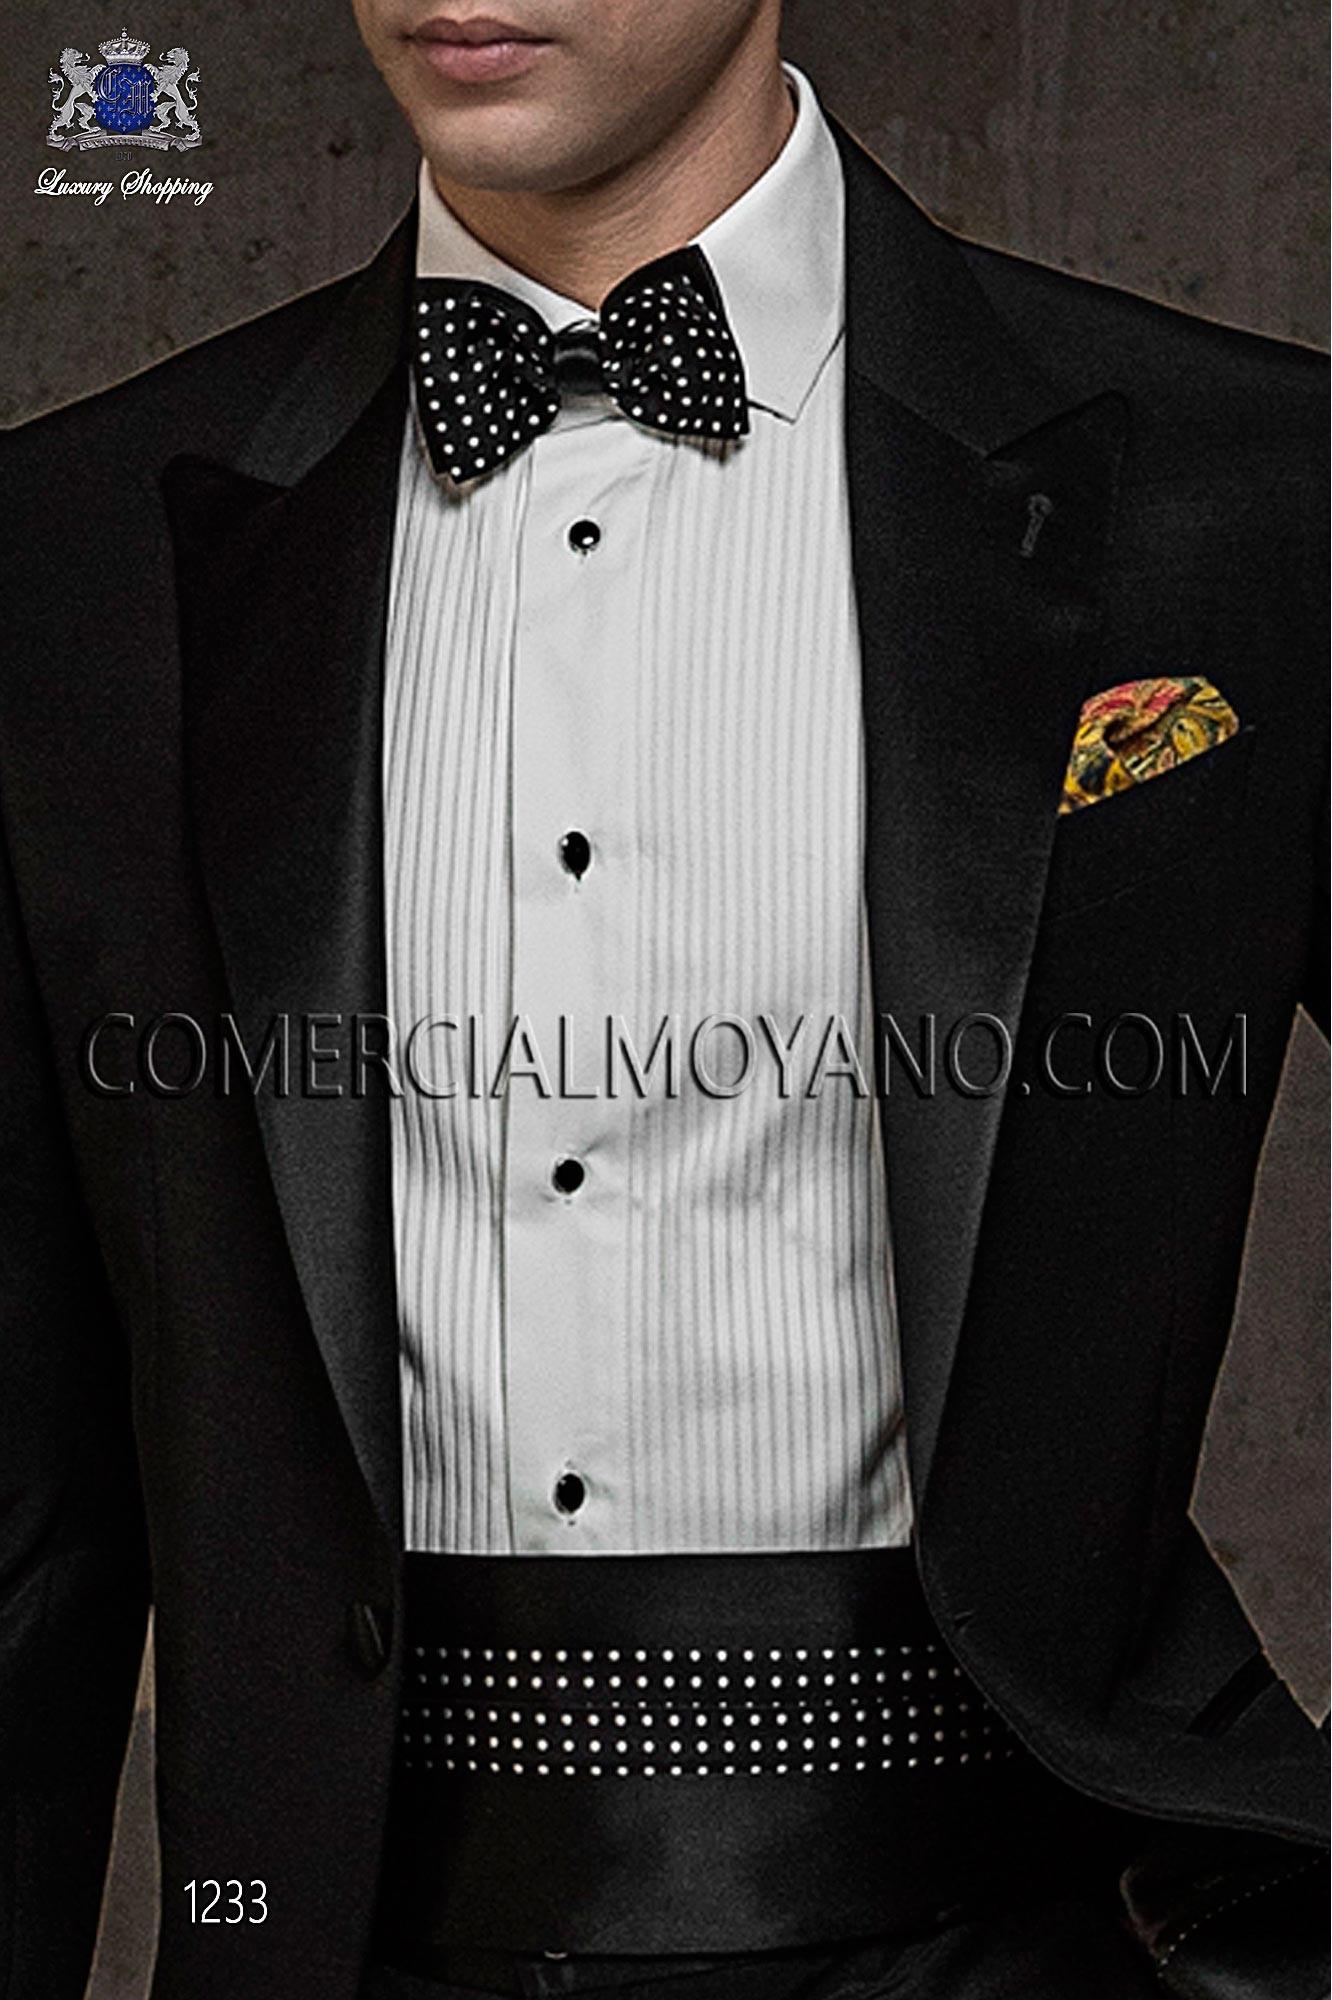 Italian blacktie Black men wedding suit, model: 1233 Ottavio Nuccio Gala Black Tie Collection